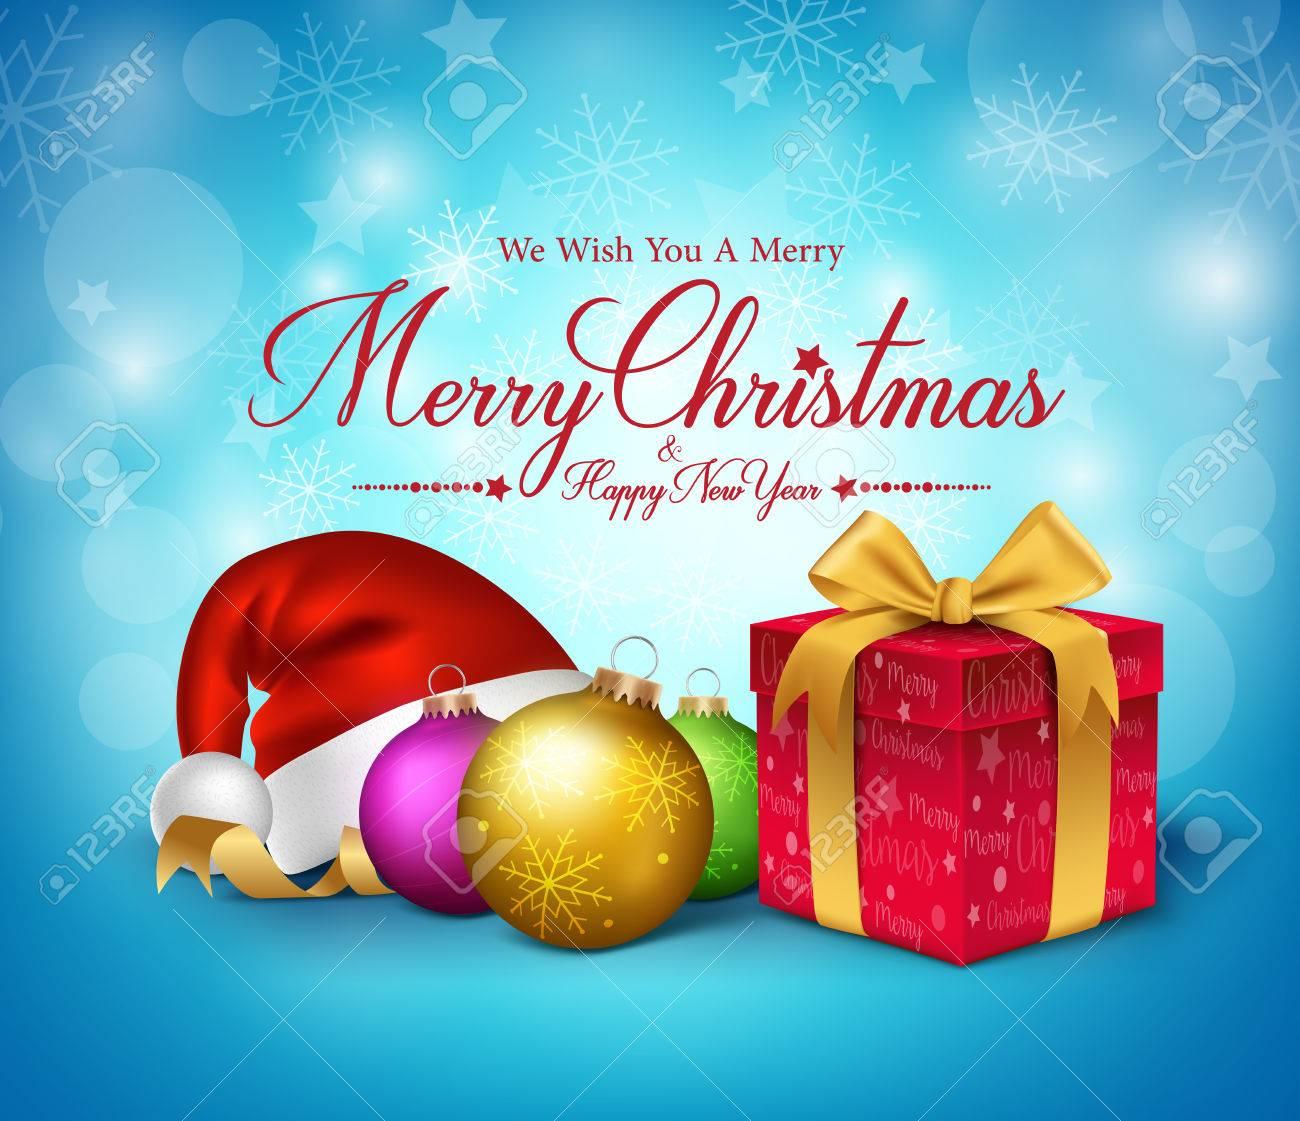 Grüße Frohe Weihnachten.Stock Photo